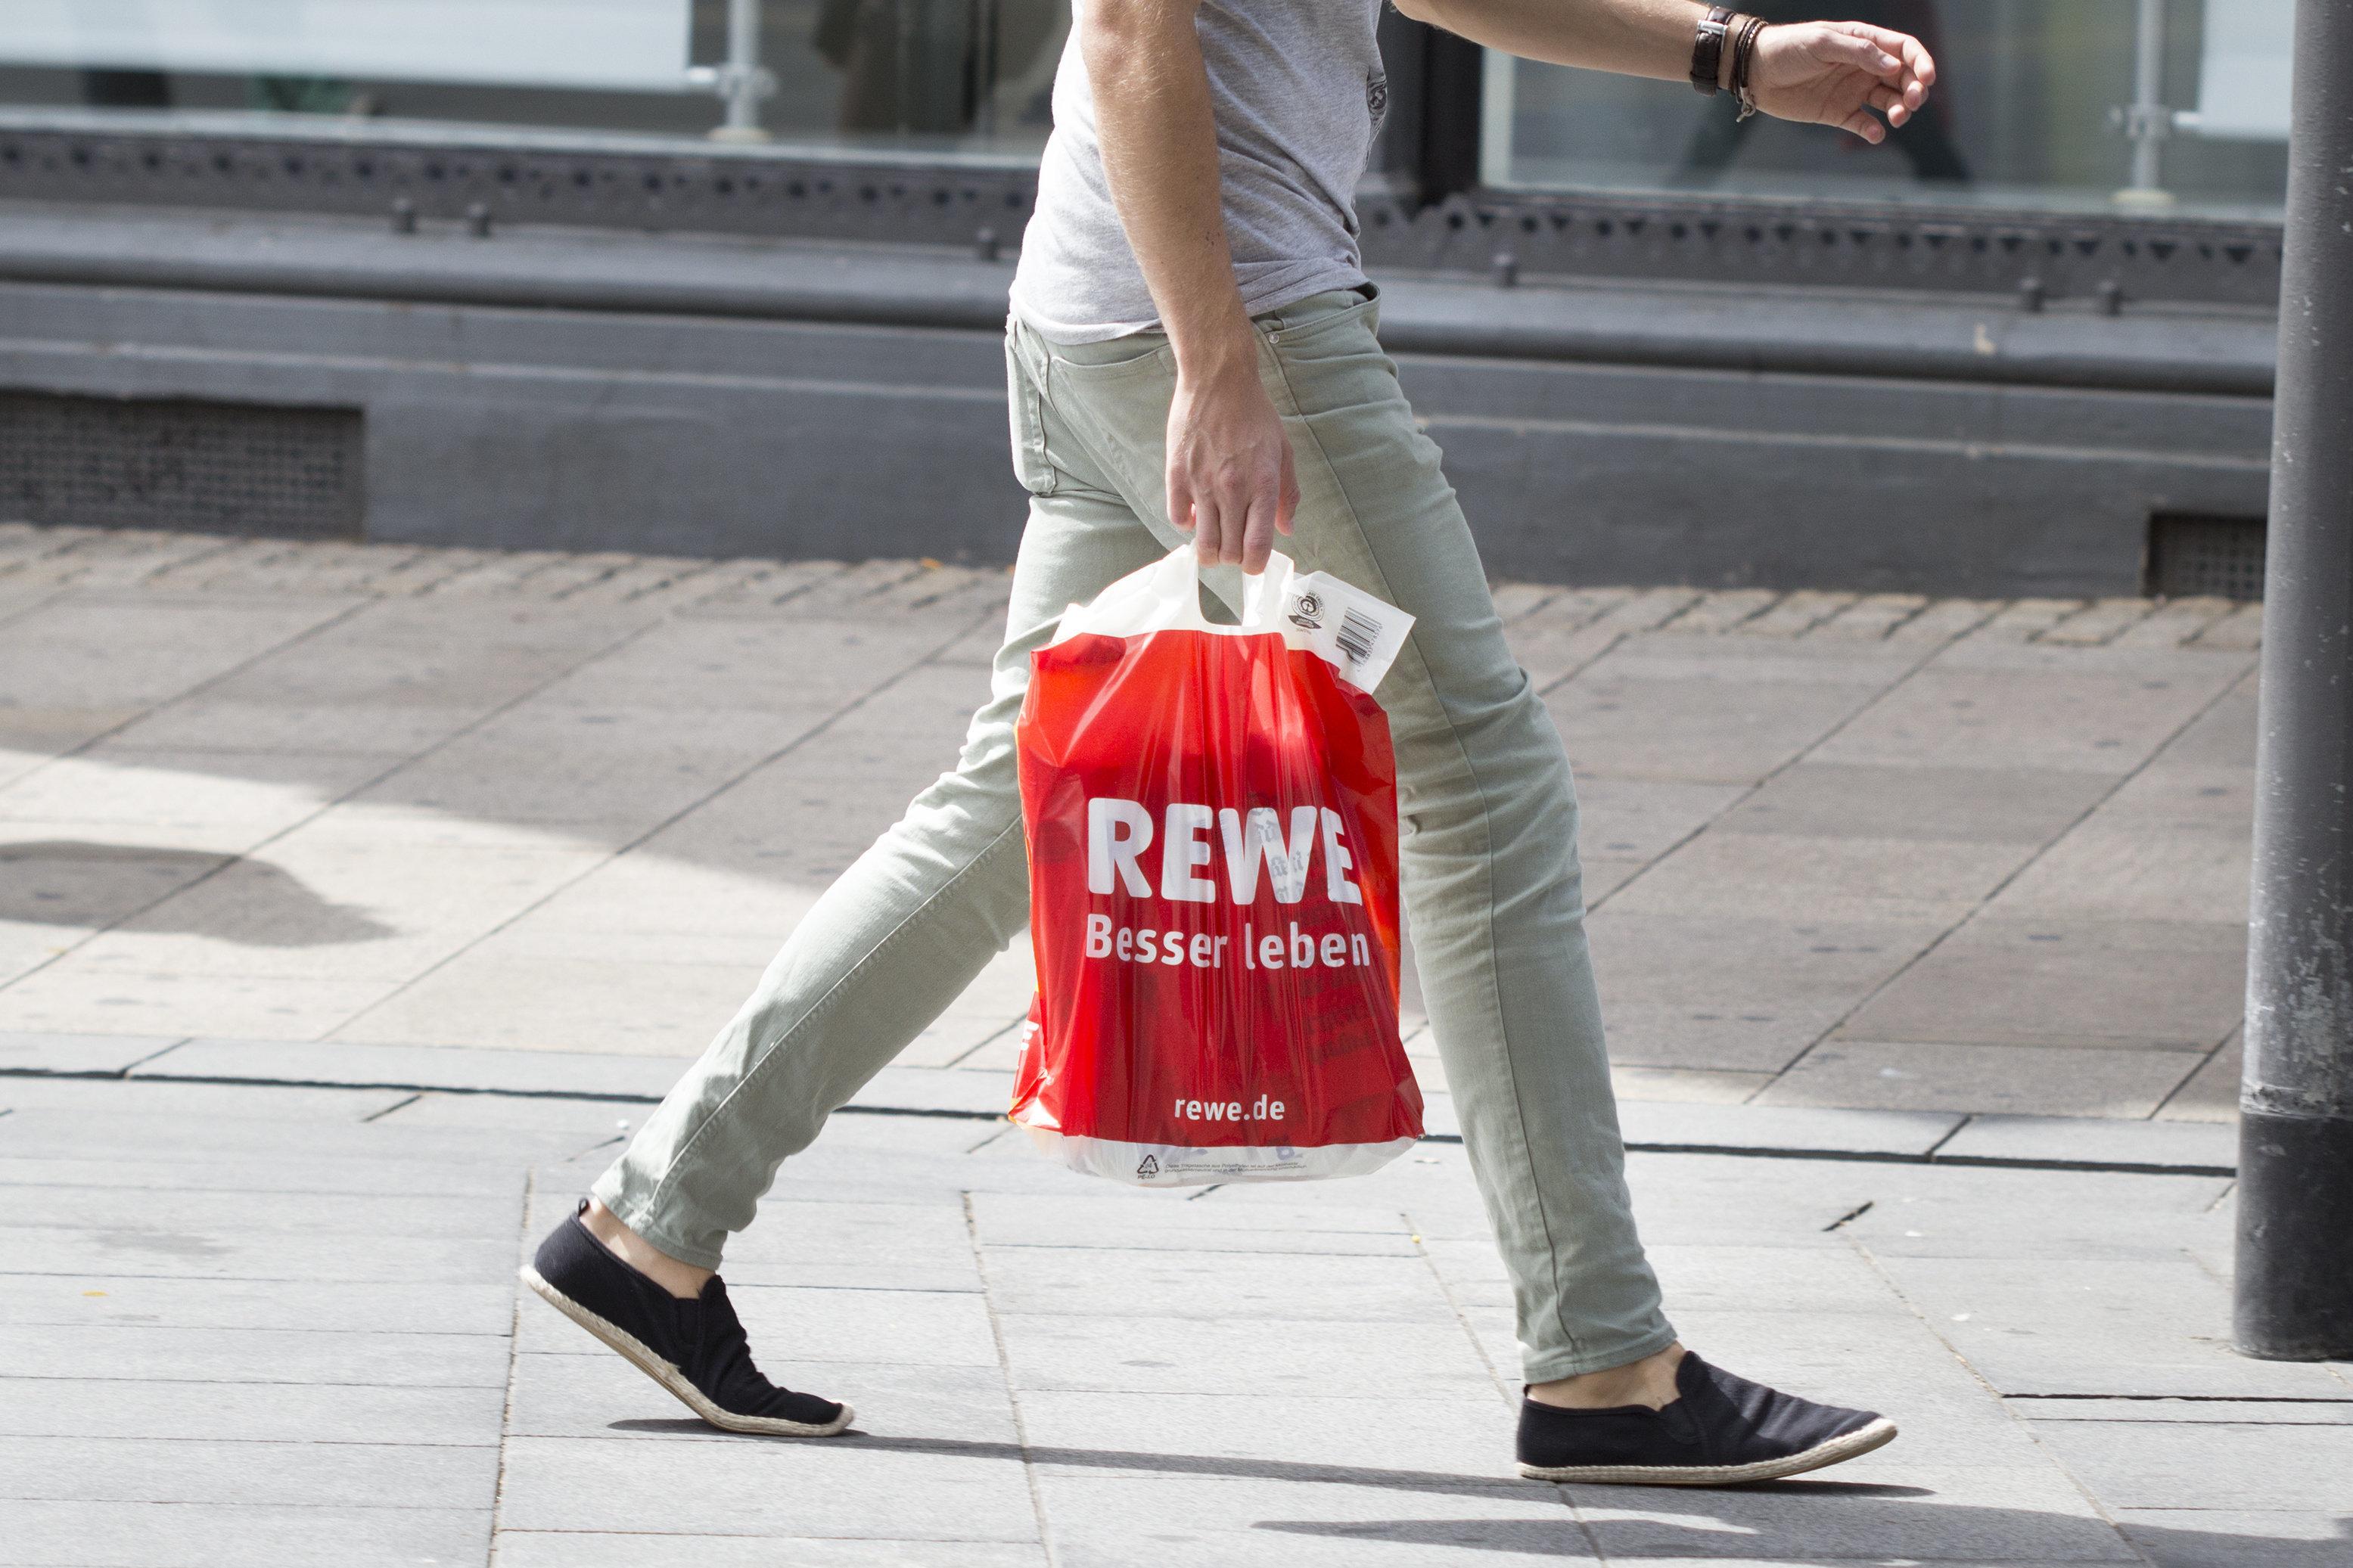 Rewe-Kundin sieht die Mitarbeiterin hinter der Frischetheke – dann lässt sie die Einkäufe stehen